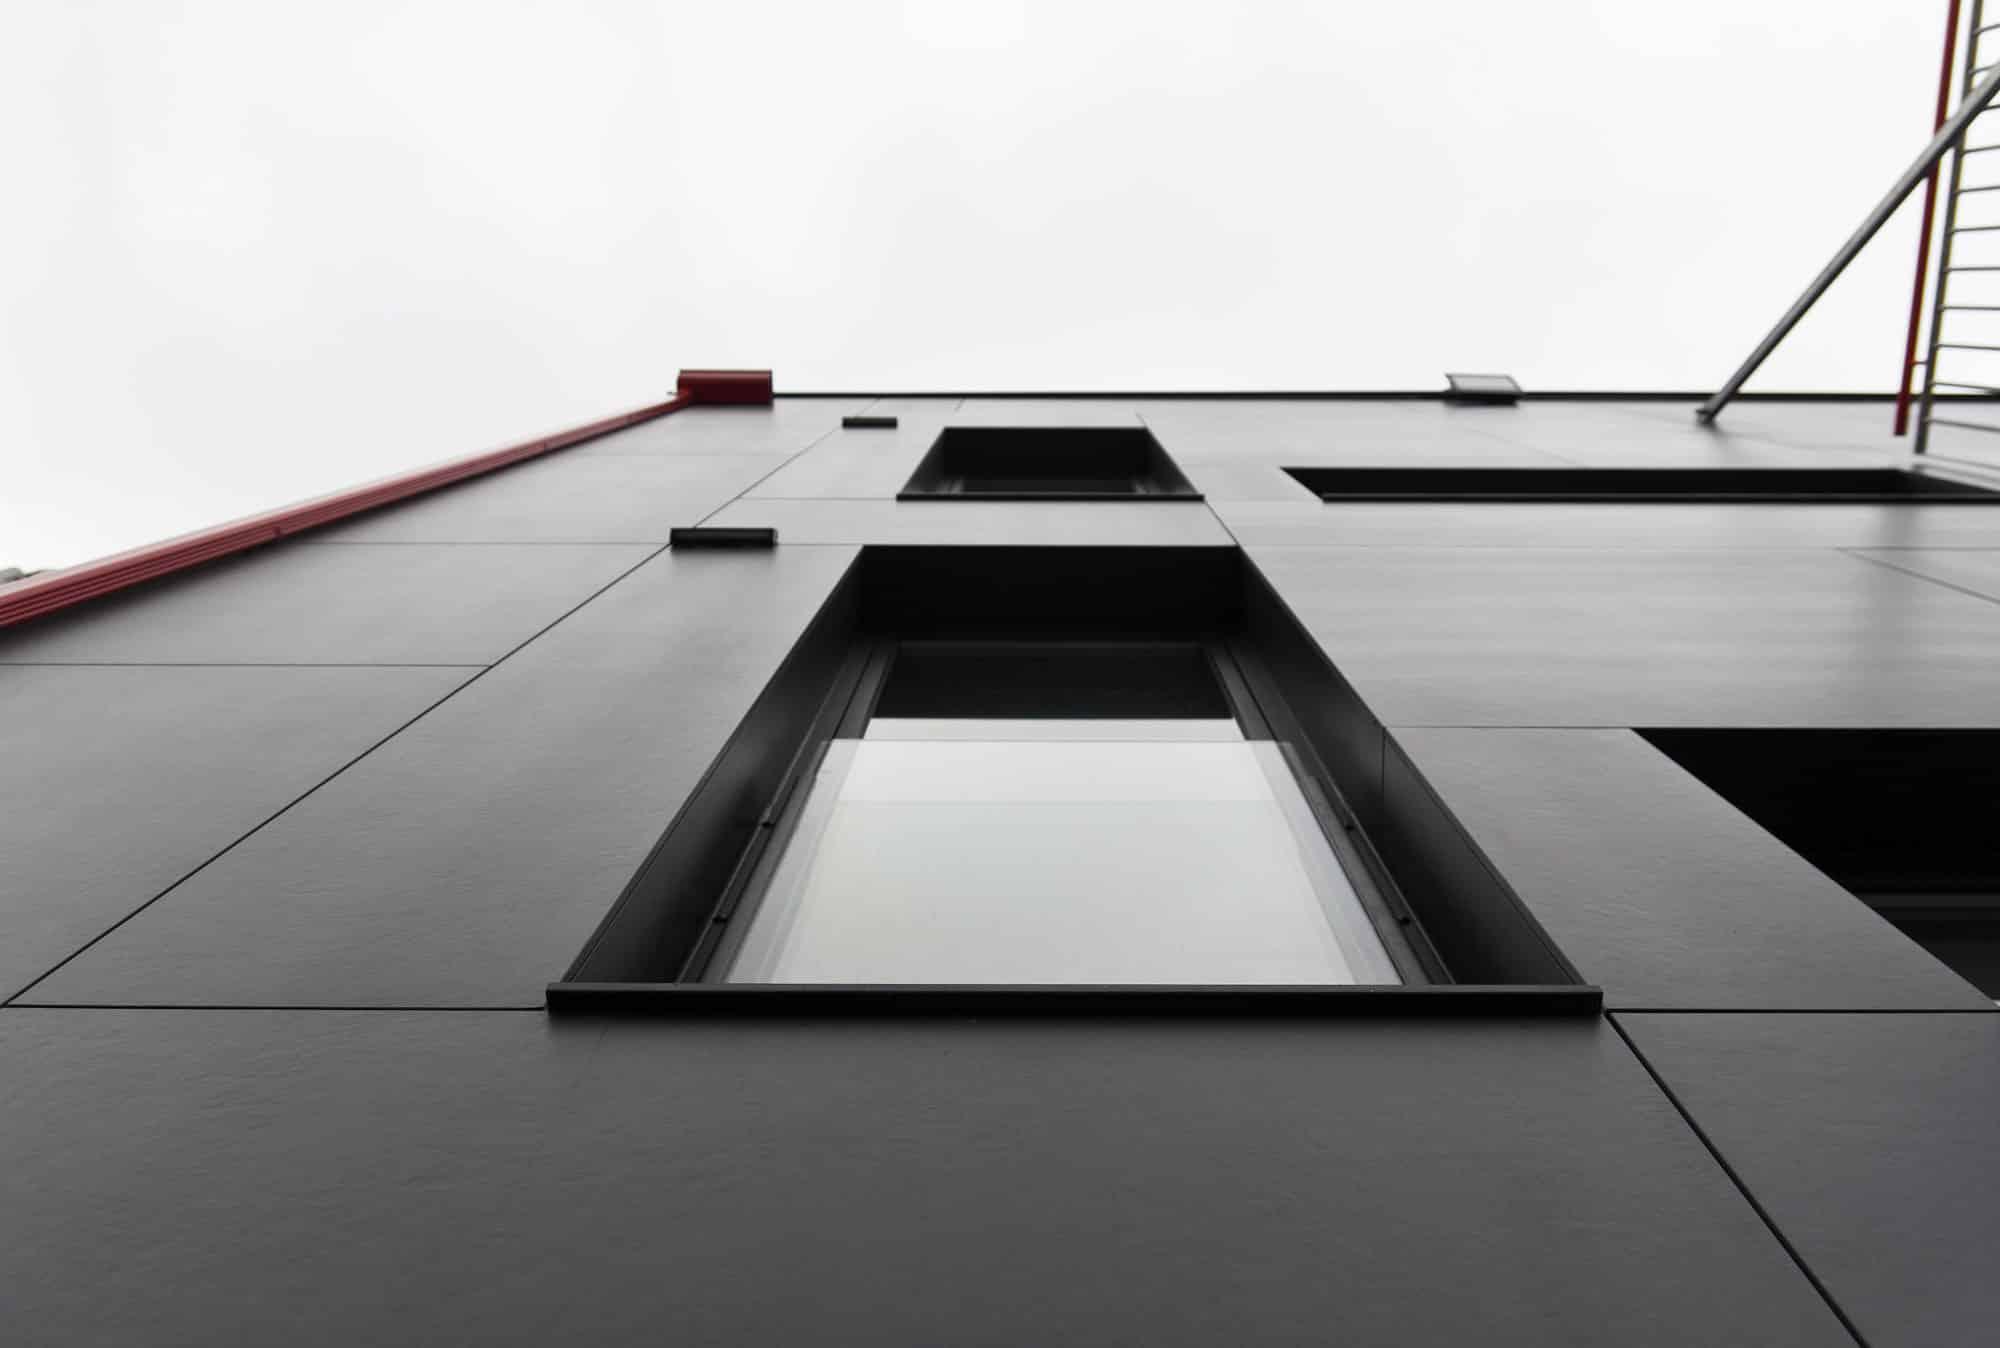 Arteixo Residential  - Arteixo Dekton facade 8 53